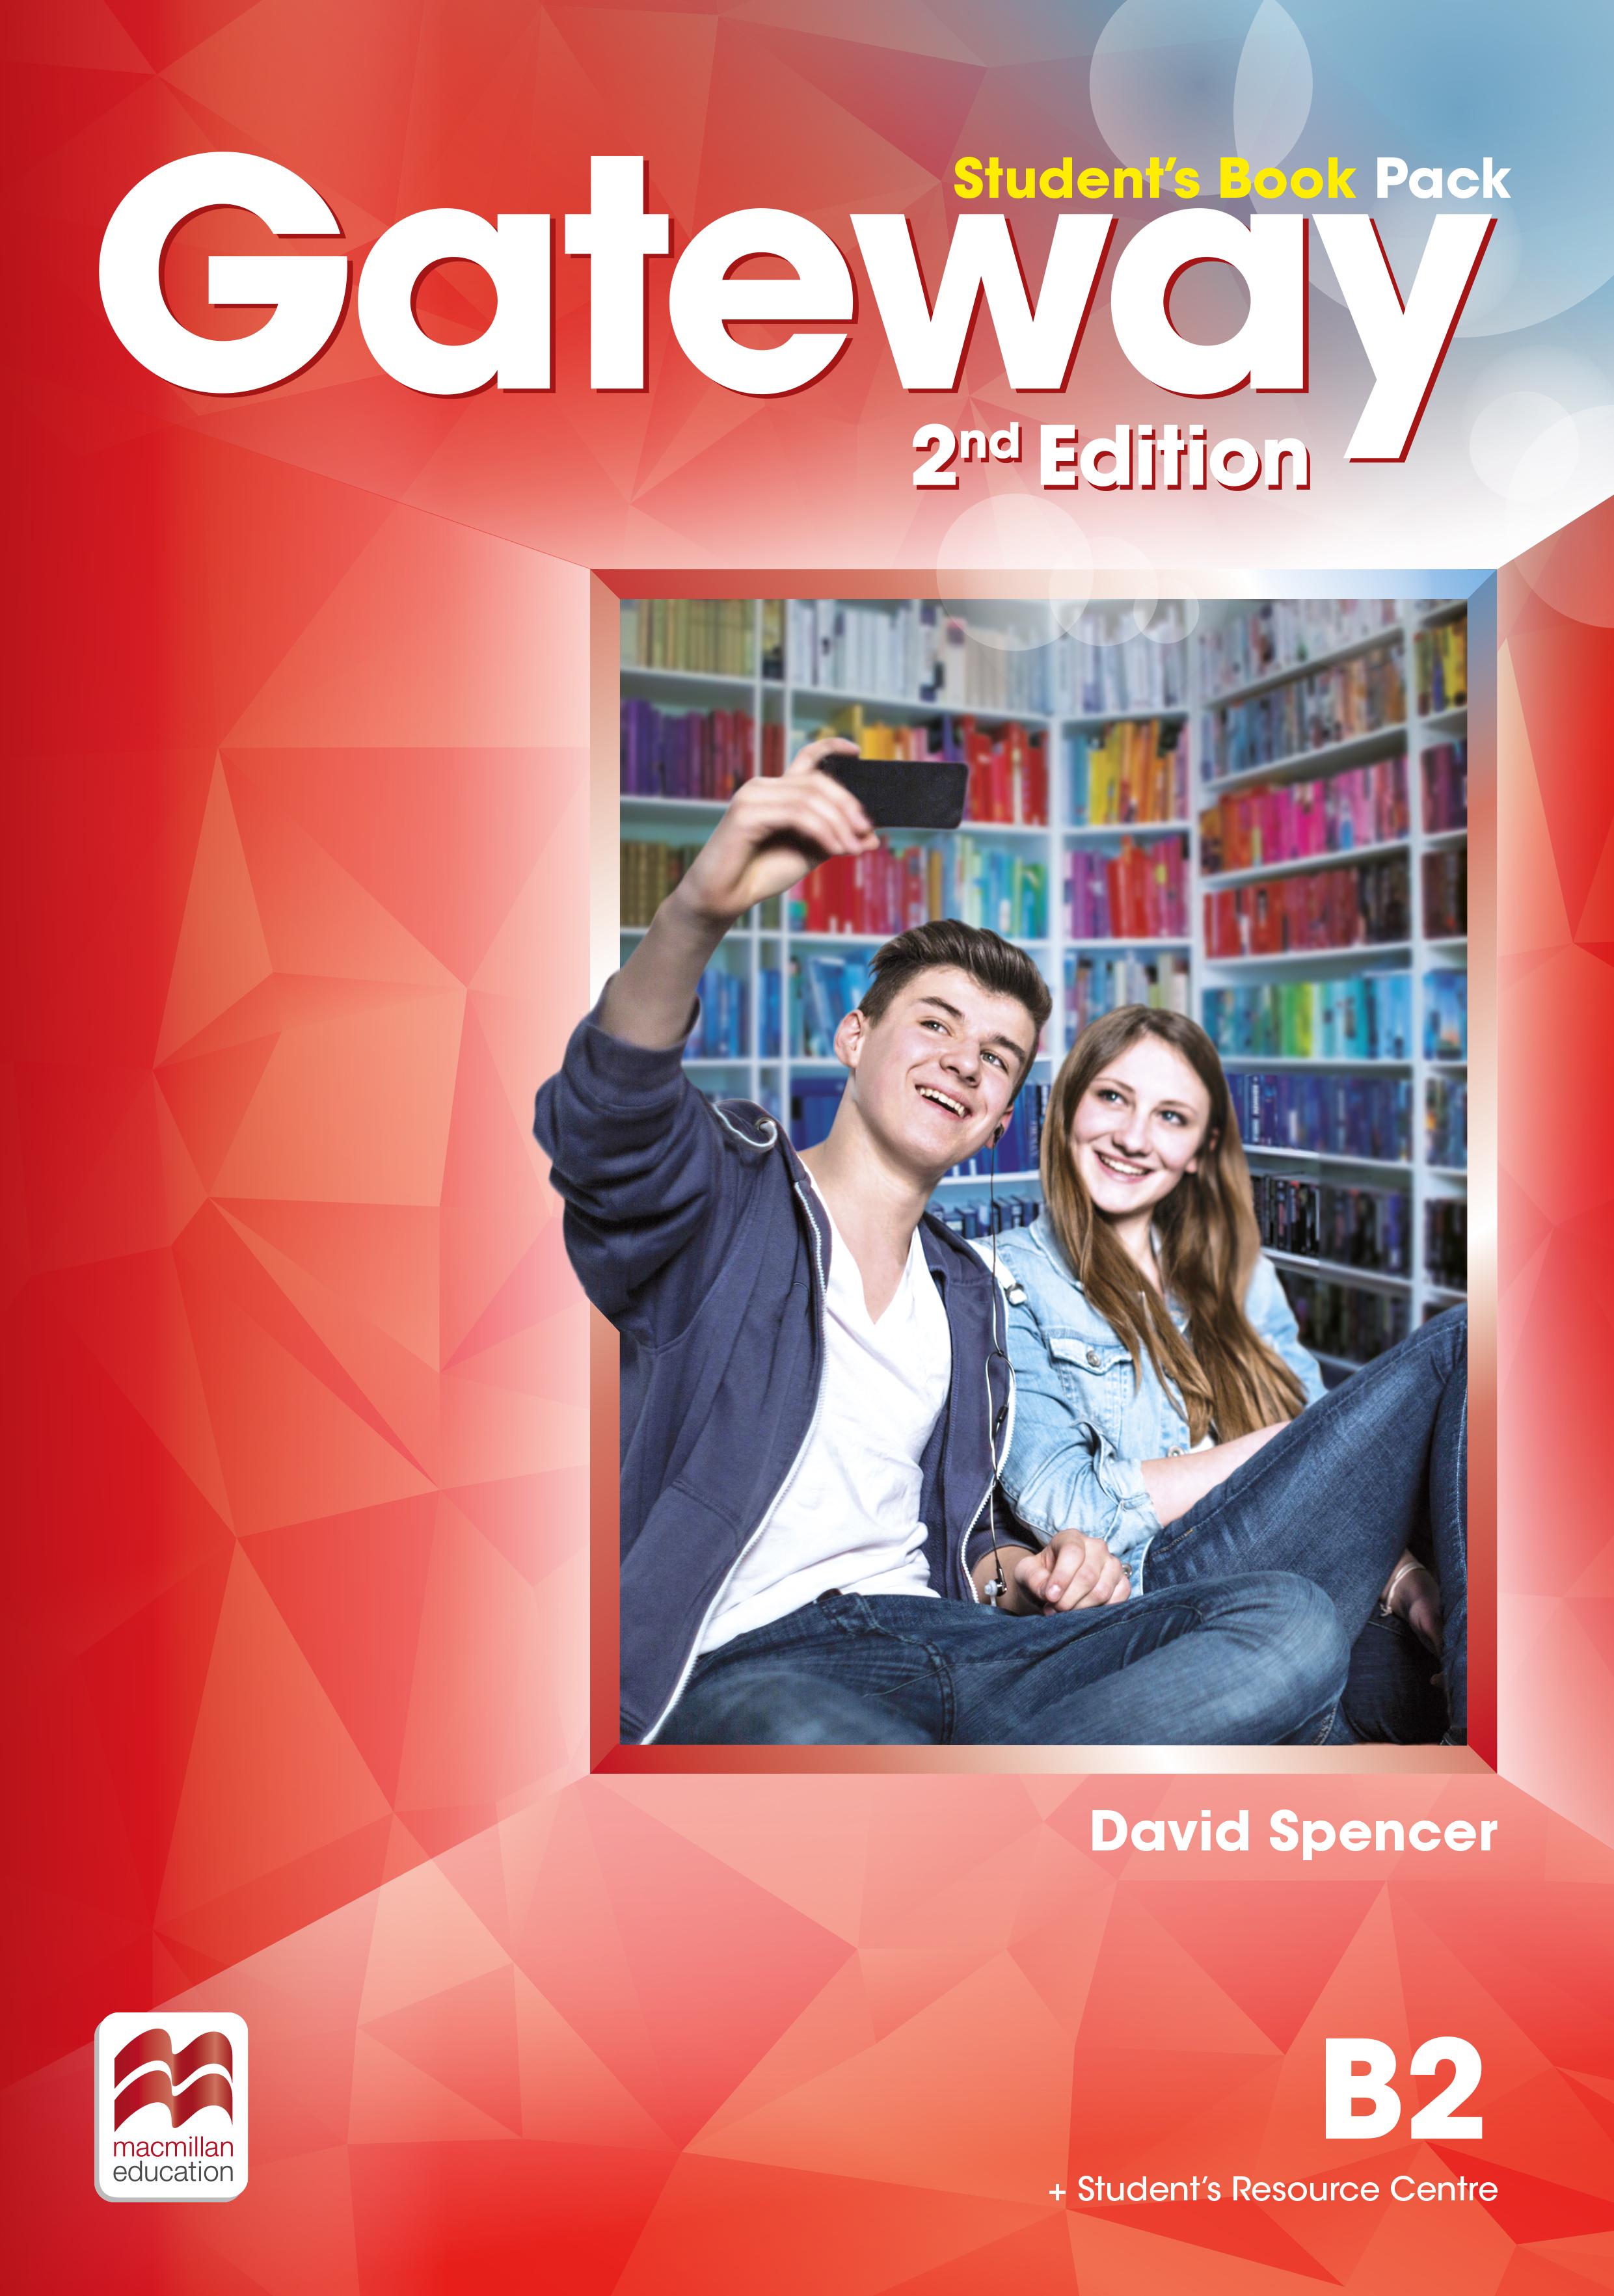 Gateway 2nd Edition B2 Student